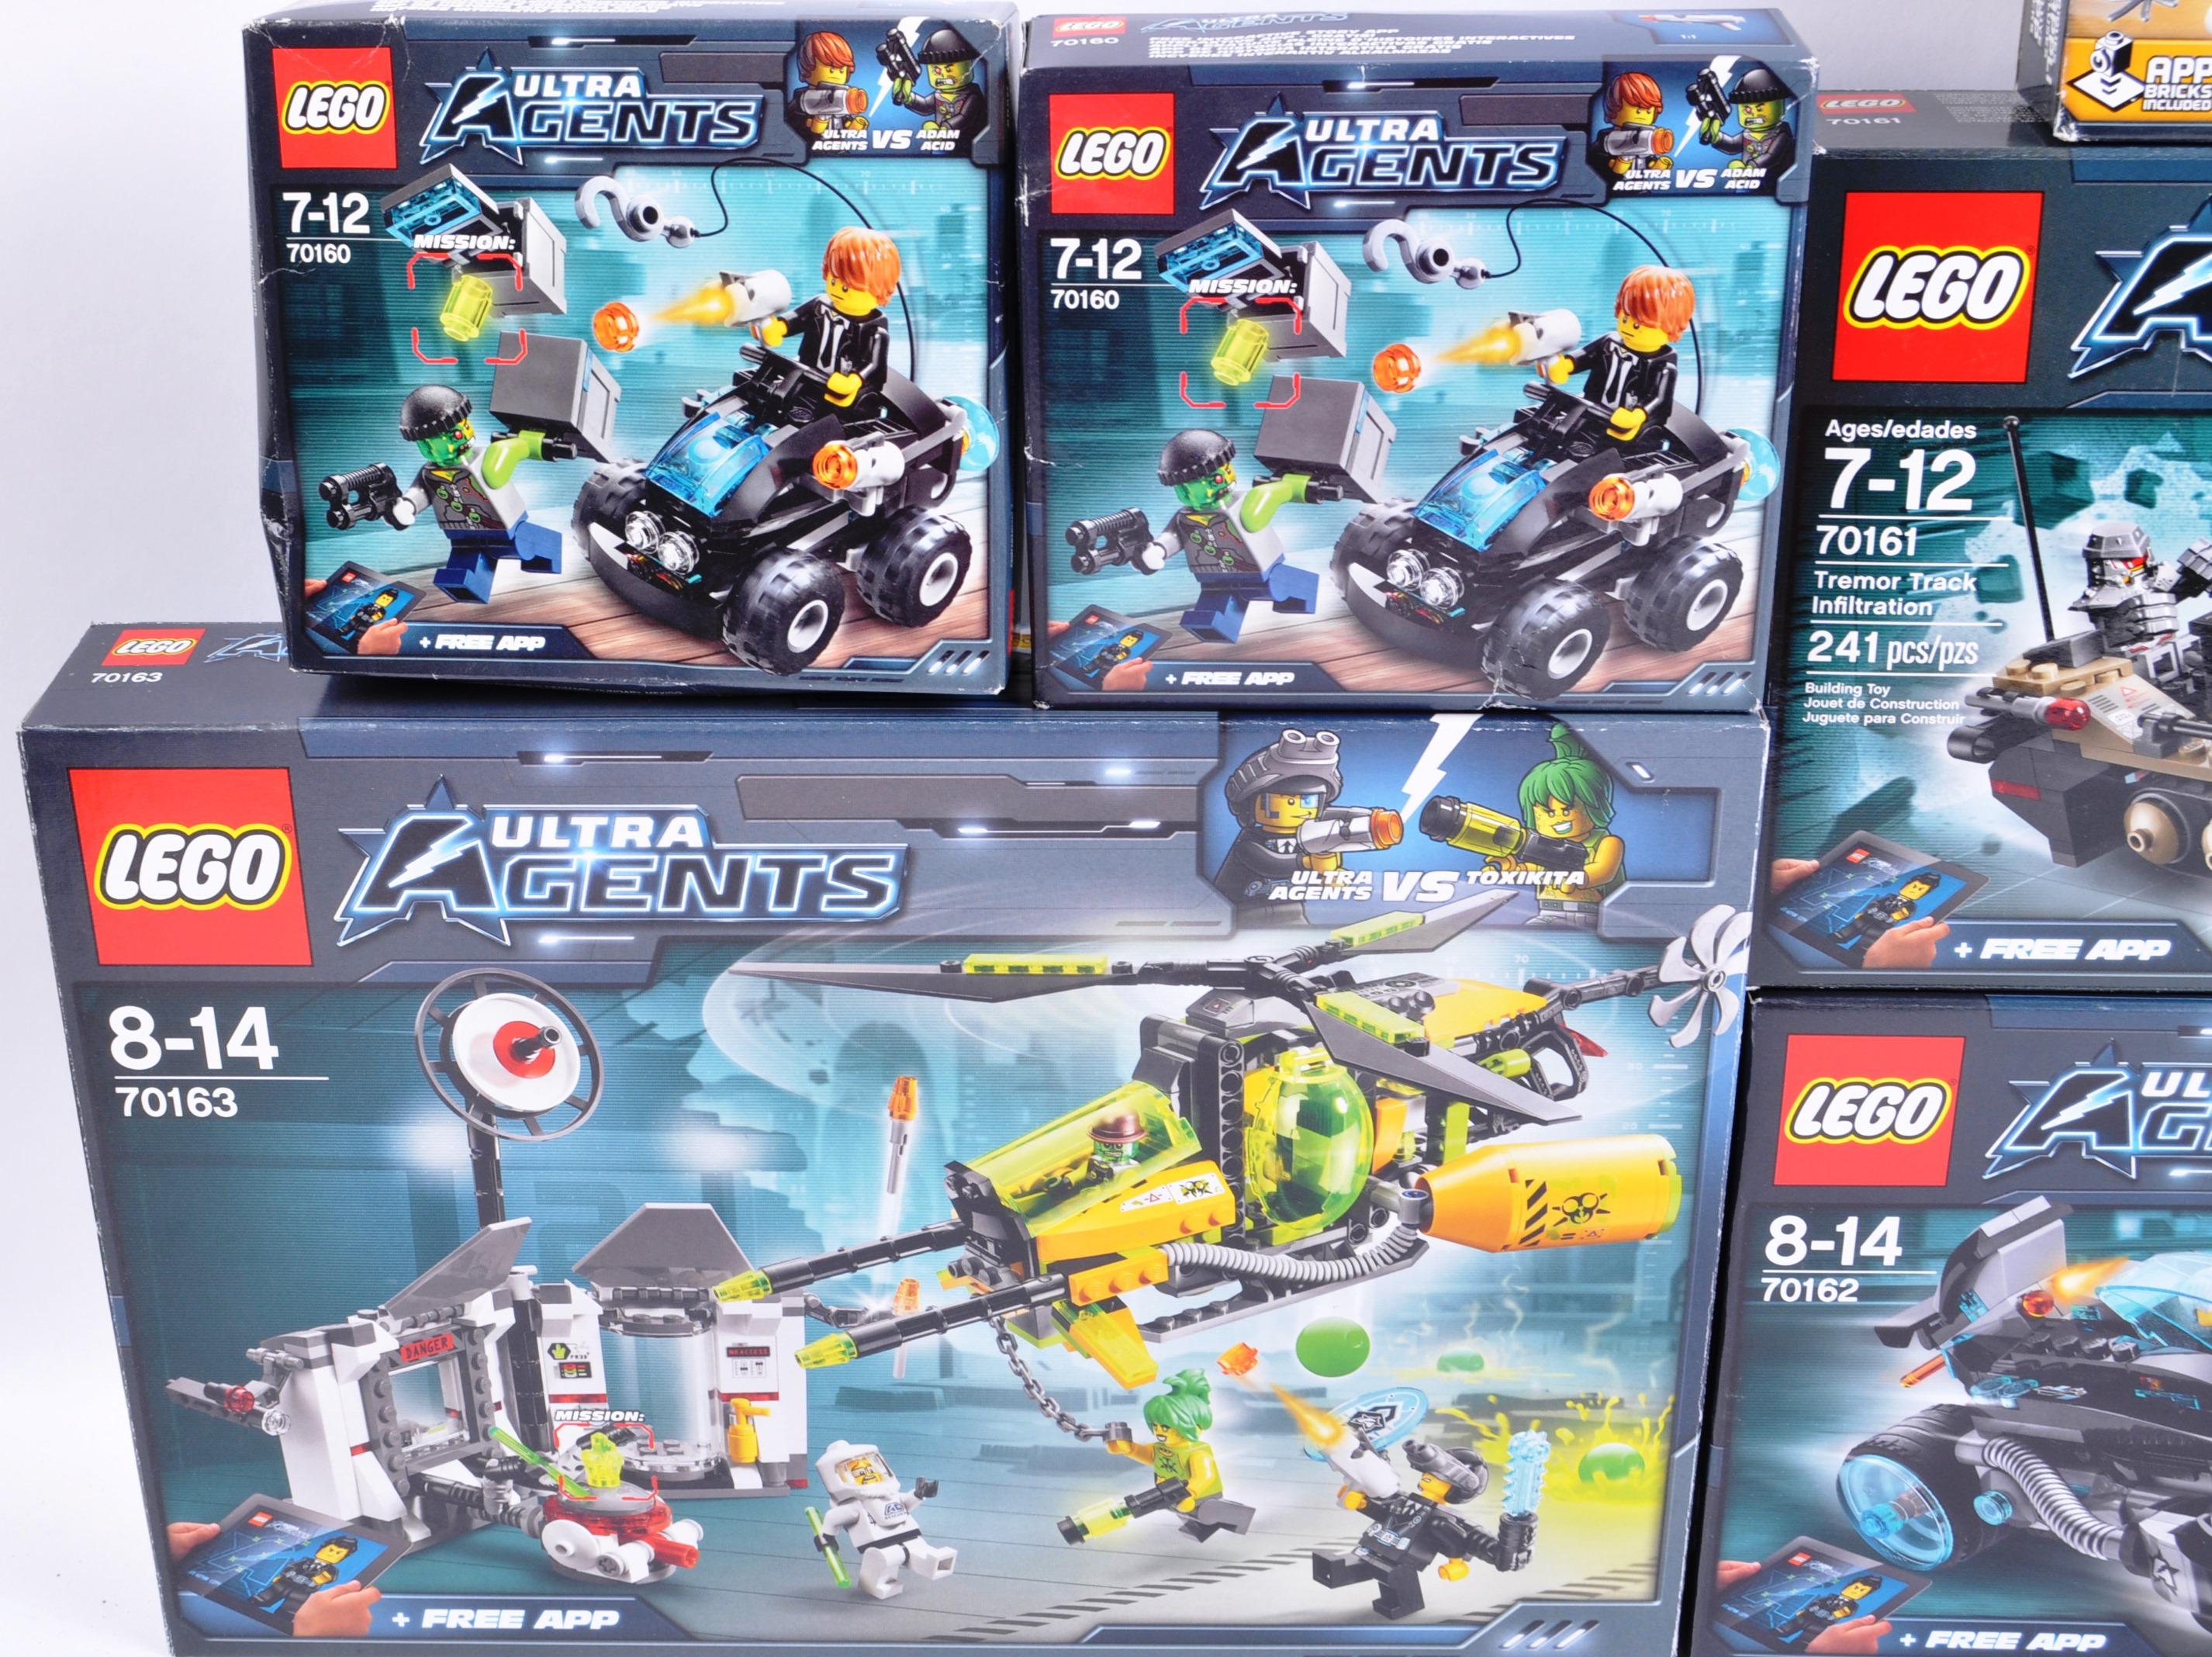 LEGO SETS - LEGO ULTRA AGENTS - Image 2 of 6